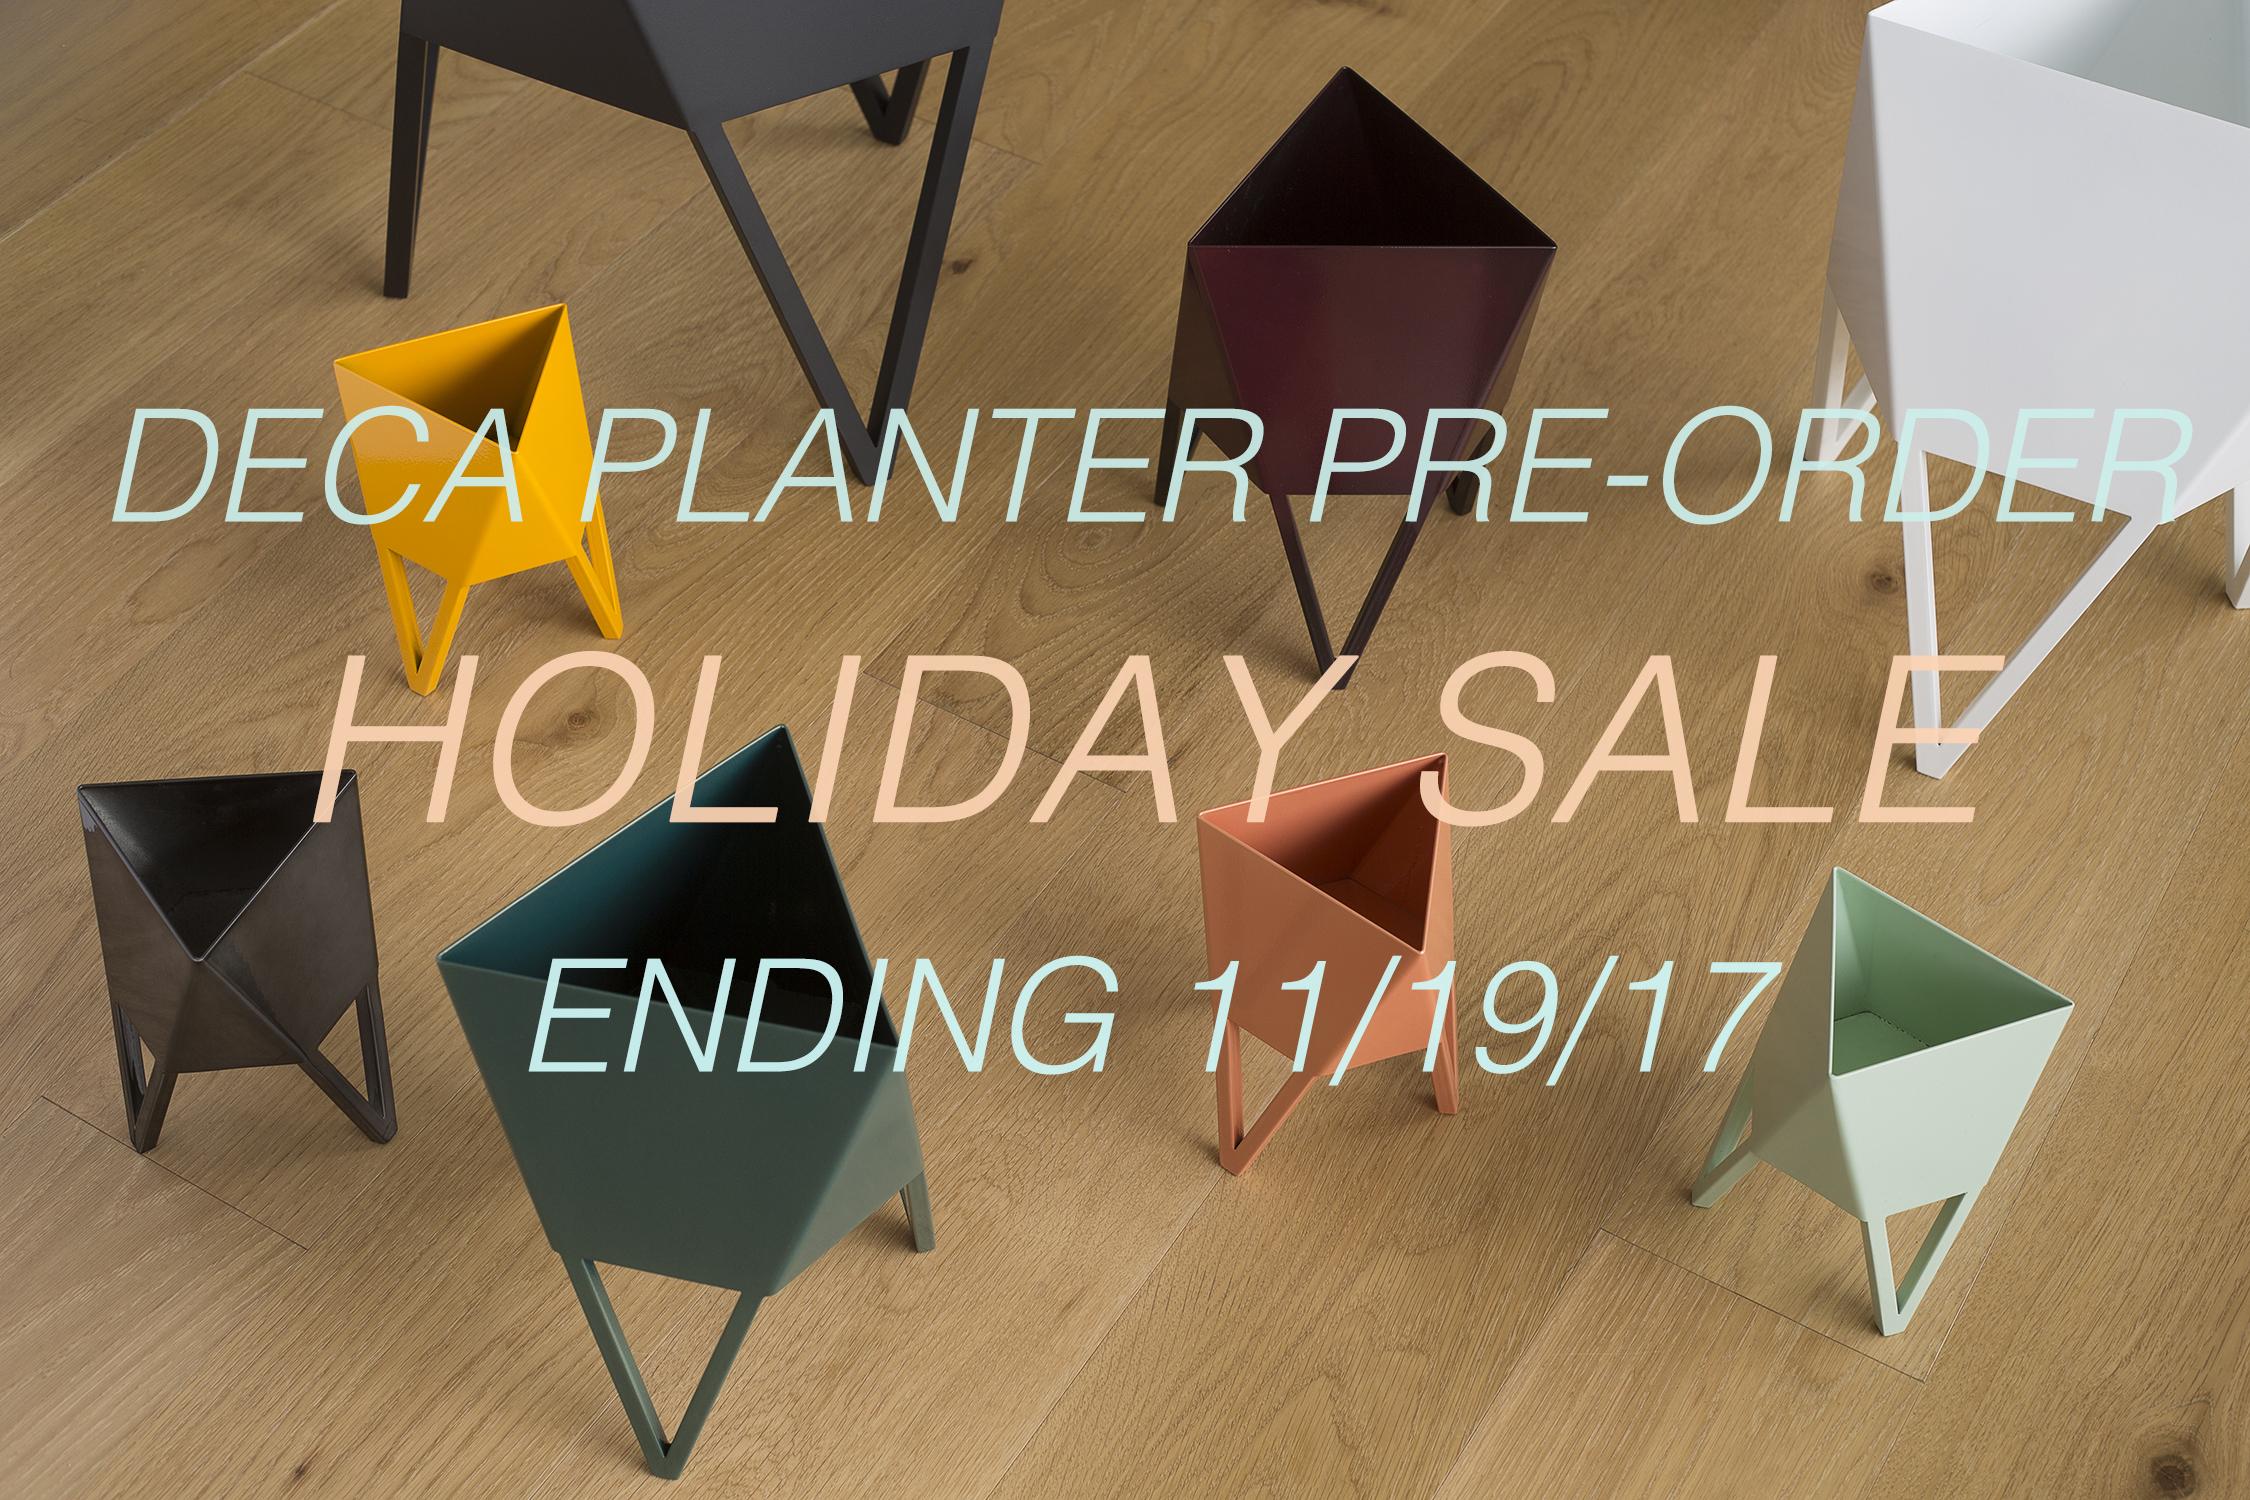 Planter_Family_Scatter_flyer.jpg